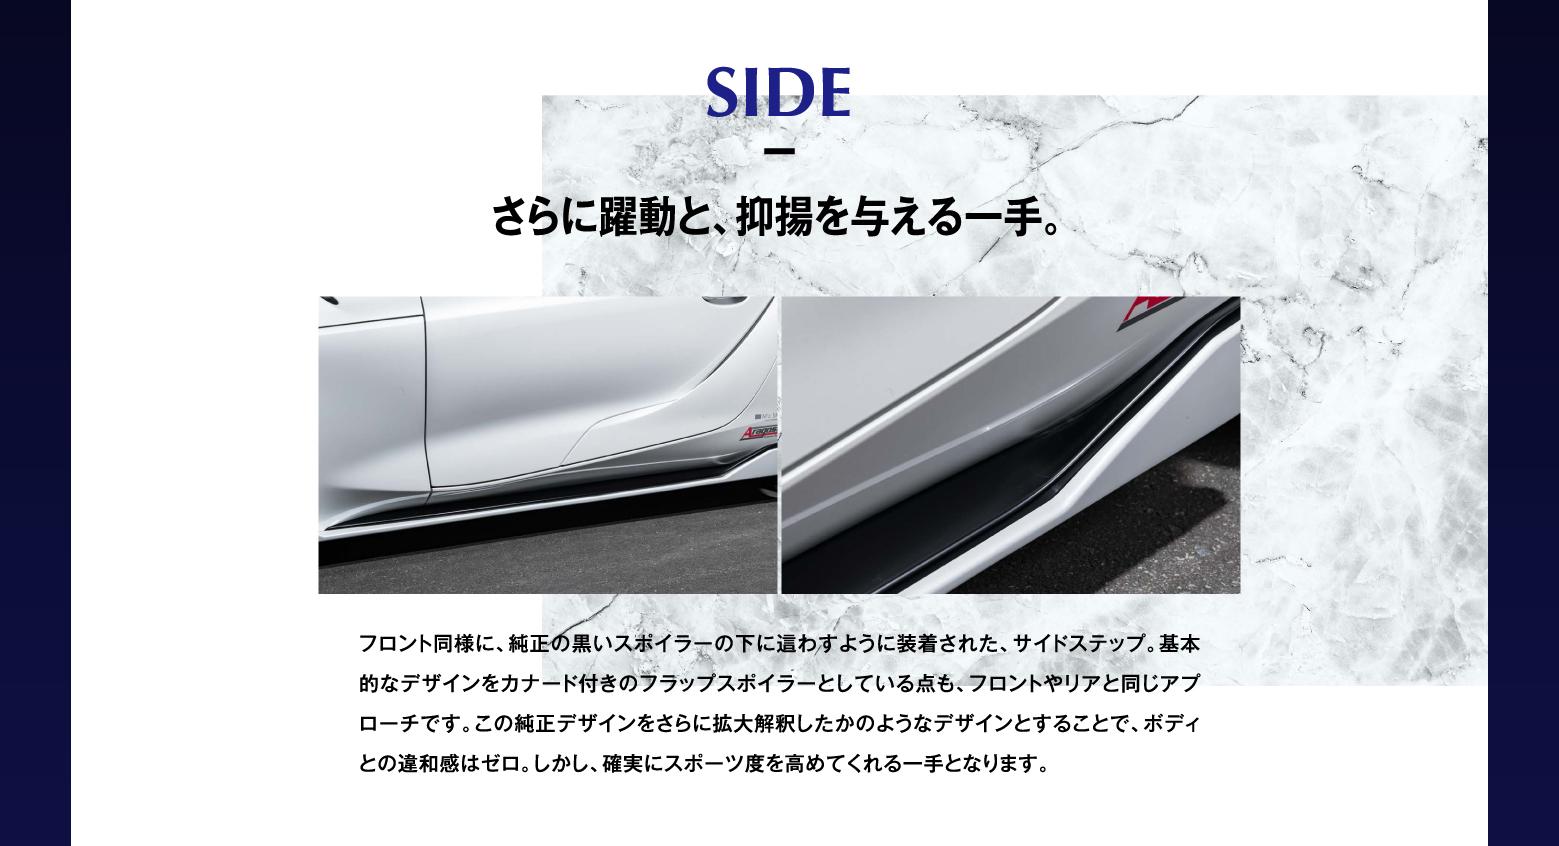 SIDE さらに躍動と、抑揚を与える一手。フロント同様に、純正の黒いスポイラーの下に這わすように装着された、サイドステップ。基本的なデザインをカナード付きのフラップスポイラーとしている点も、フロントやリアと同じアプローチです。この純正デザインをさらに拡大解釈したかのようなデザインとすることで、ボディとの違和感はゼロ。しかし、確実にスポーツ度を高めてくれる一手となります。